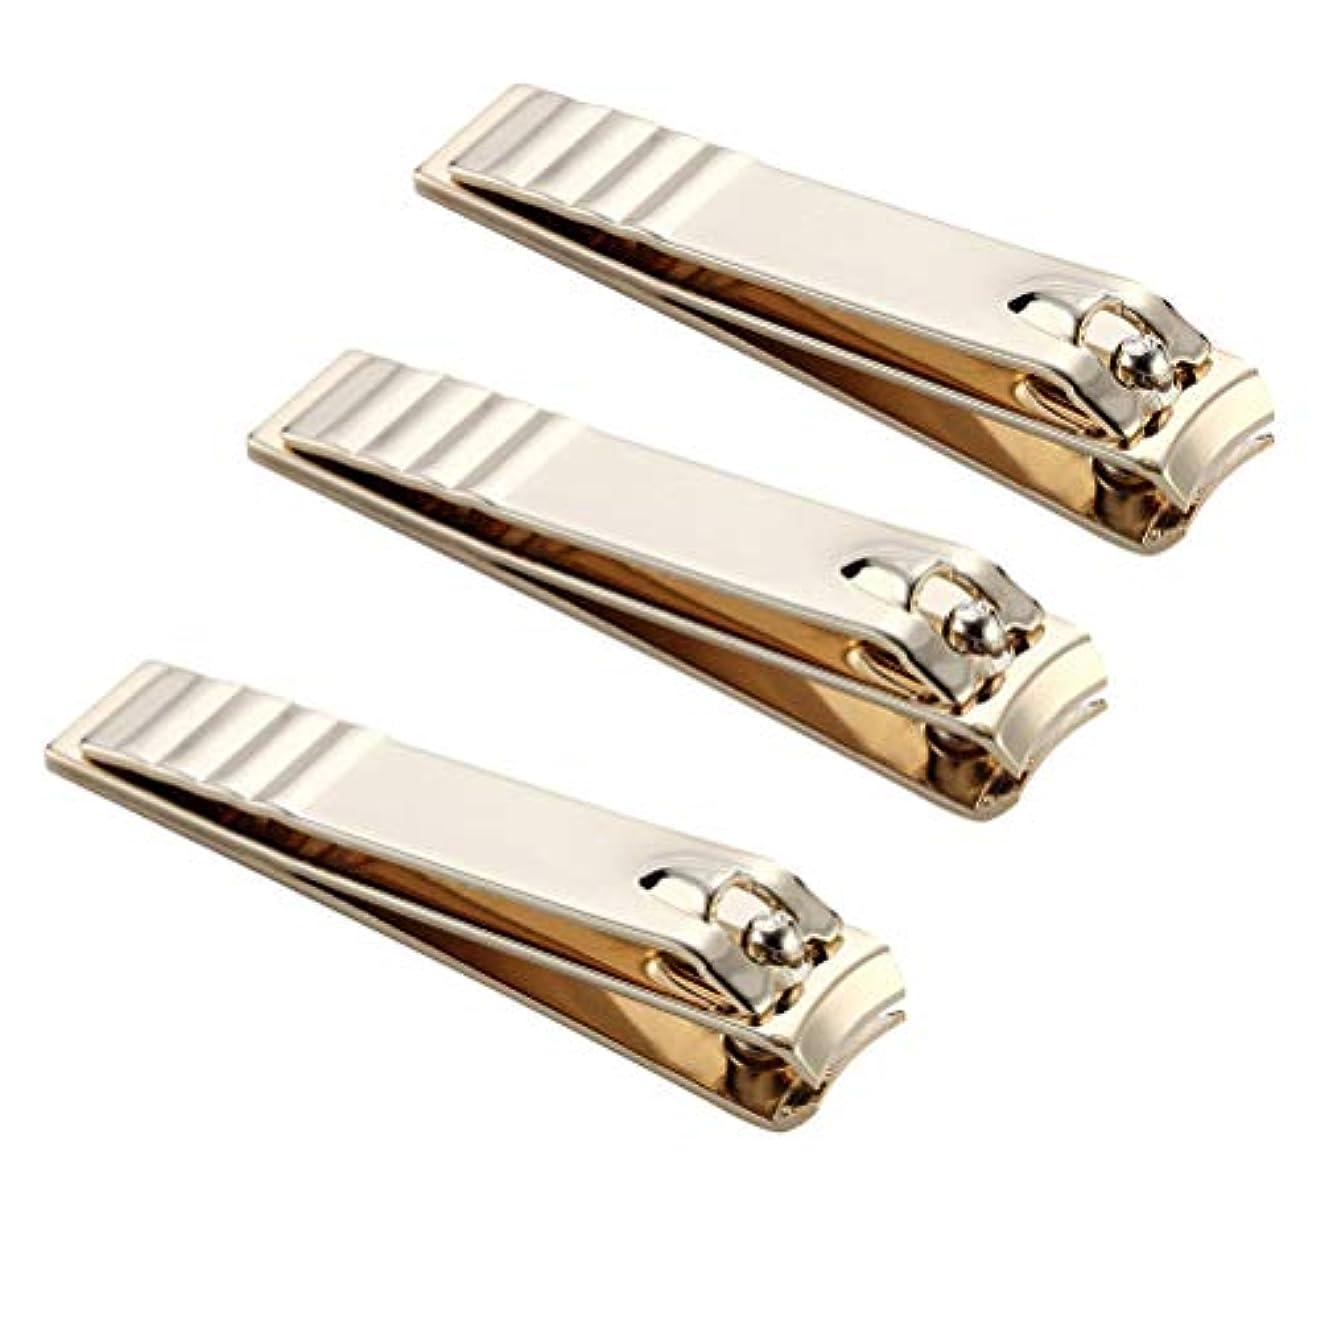 枝スラム街法医学Lurrose 3PCS炭素鋼ネイルカッターマニキュアツール多機能ネイルクリッパー(ゴールデン)